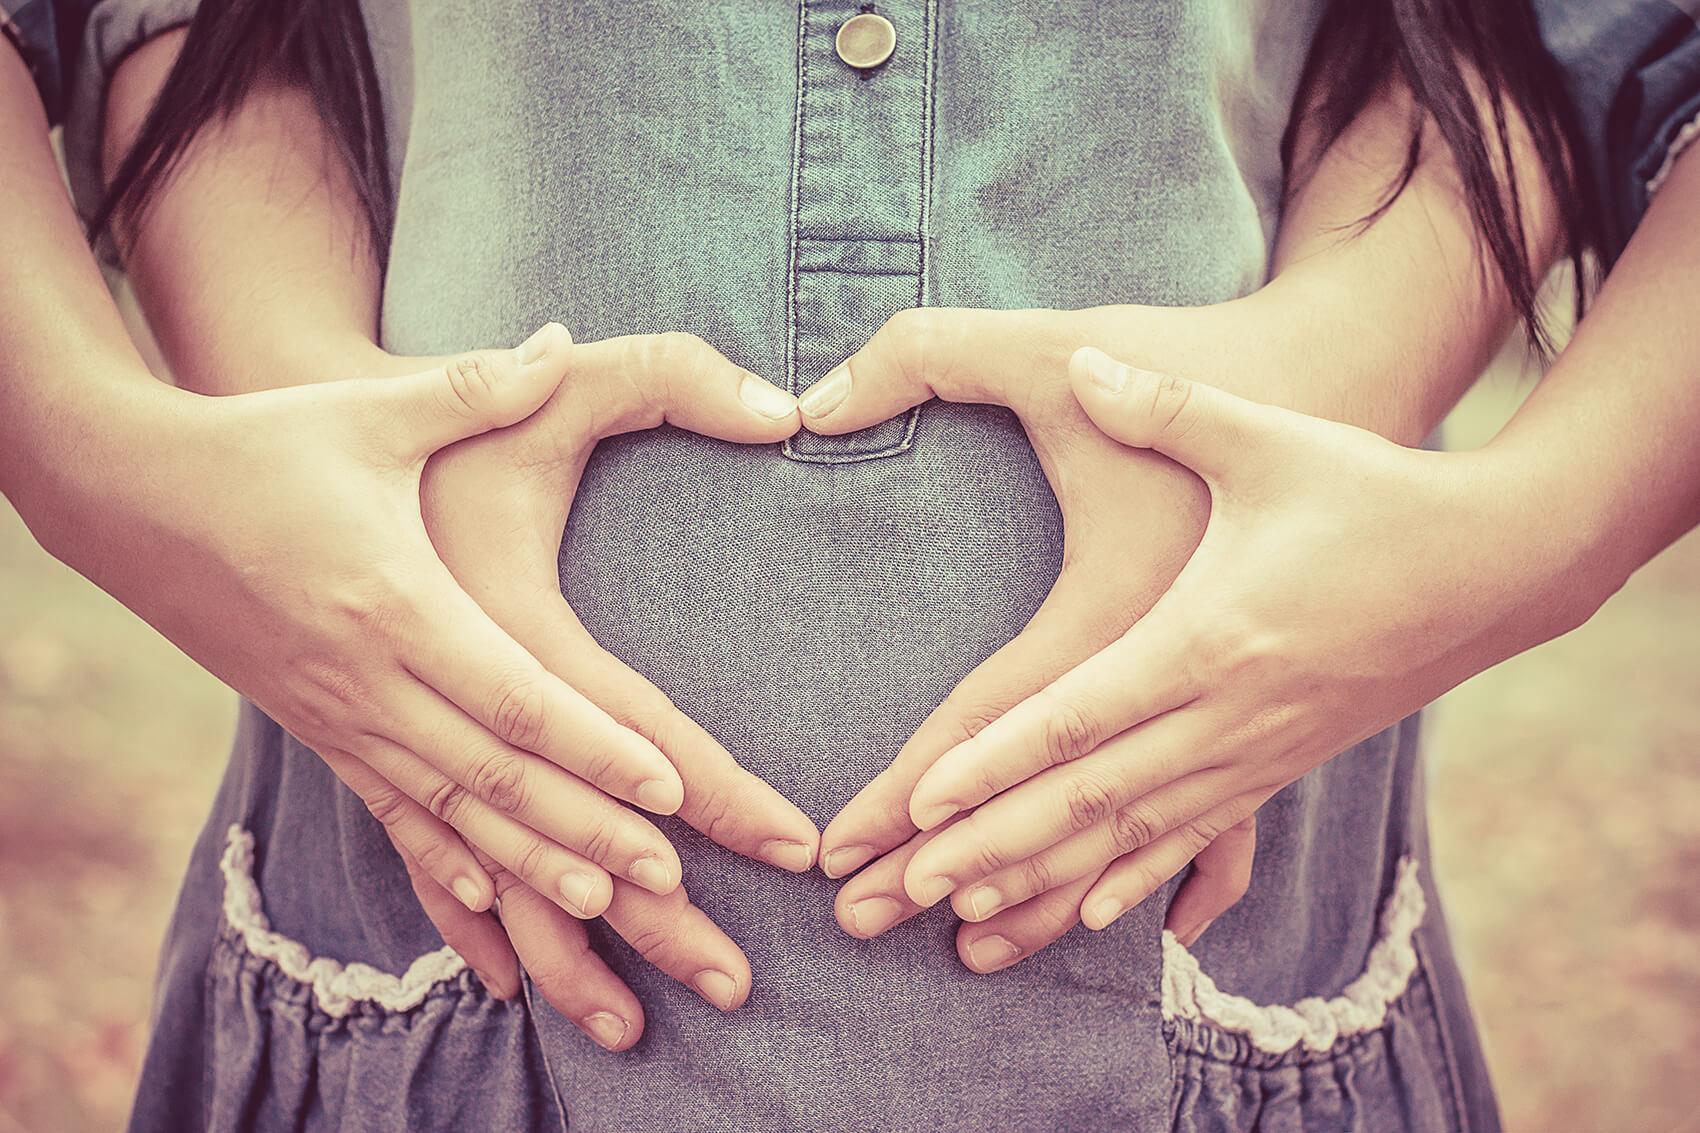 Odnos med partnerjema v nosečnosti in po rojstvu otroka